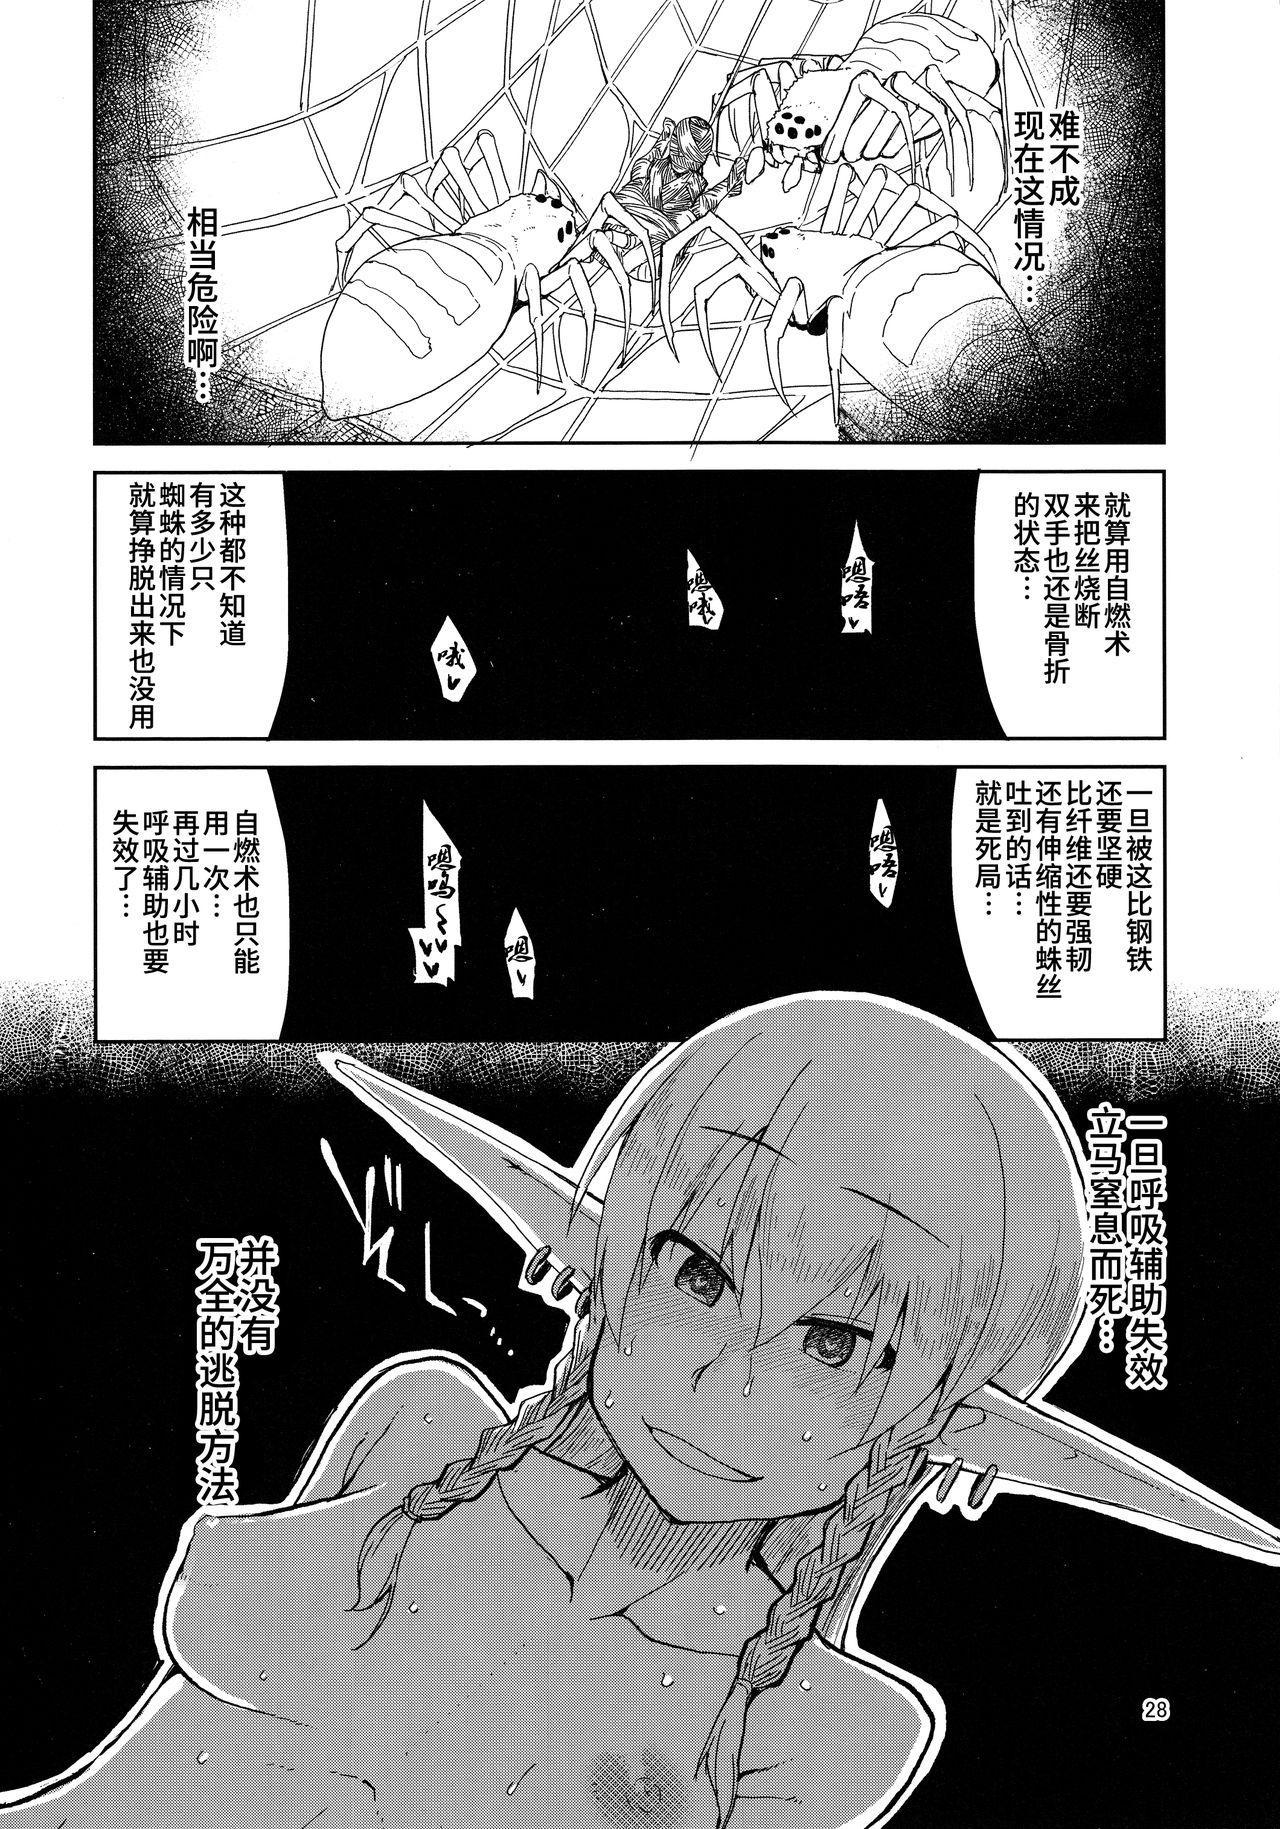 Dosukebe Elf no Ishukan Nikki 5 28